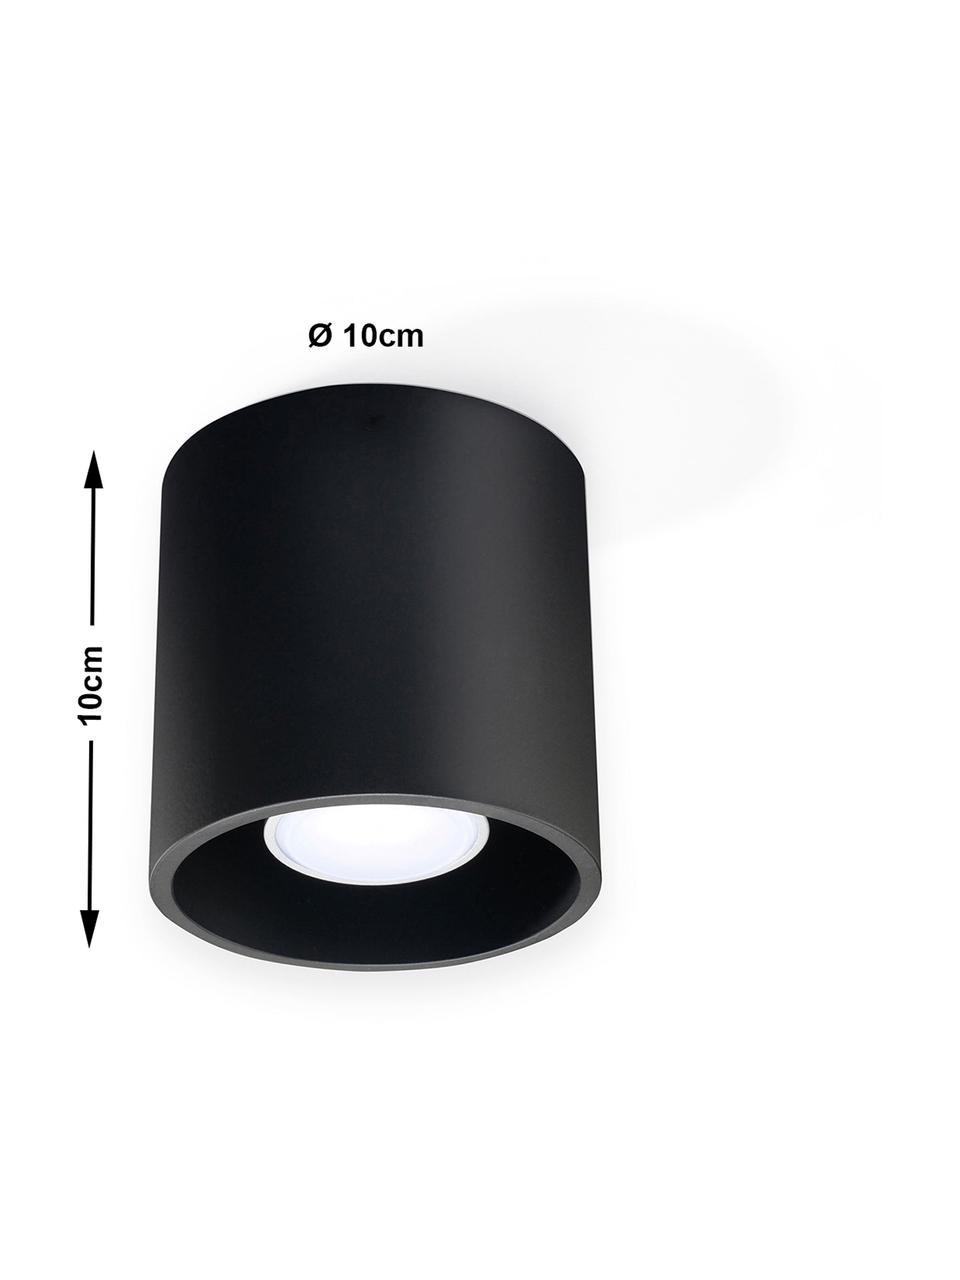 Deckenspot Roda in Schwarz, Schwarz, Ø 10 x H 10 cm